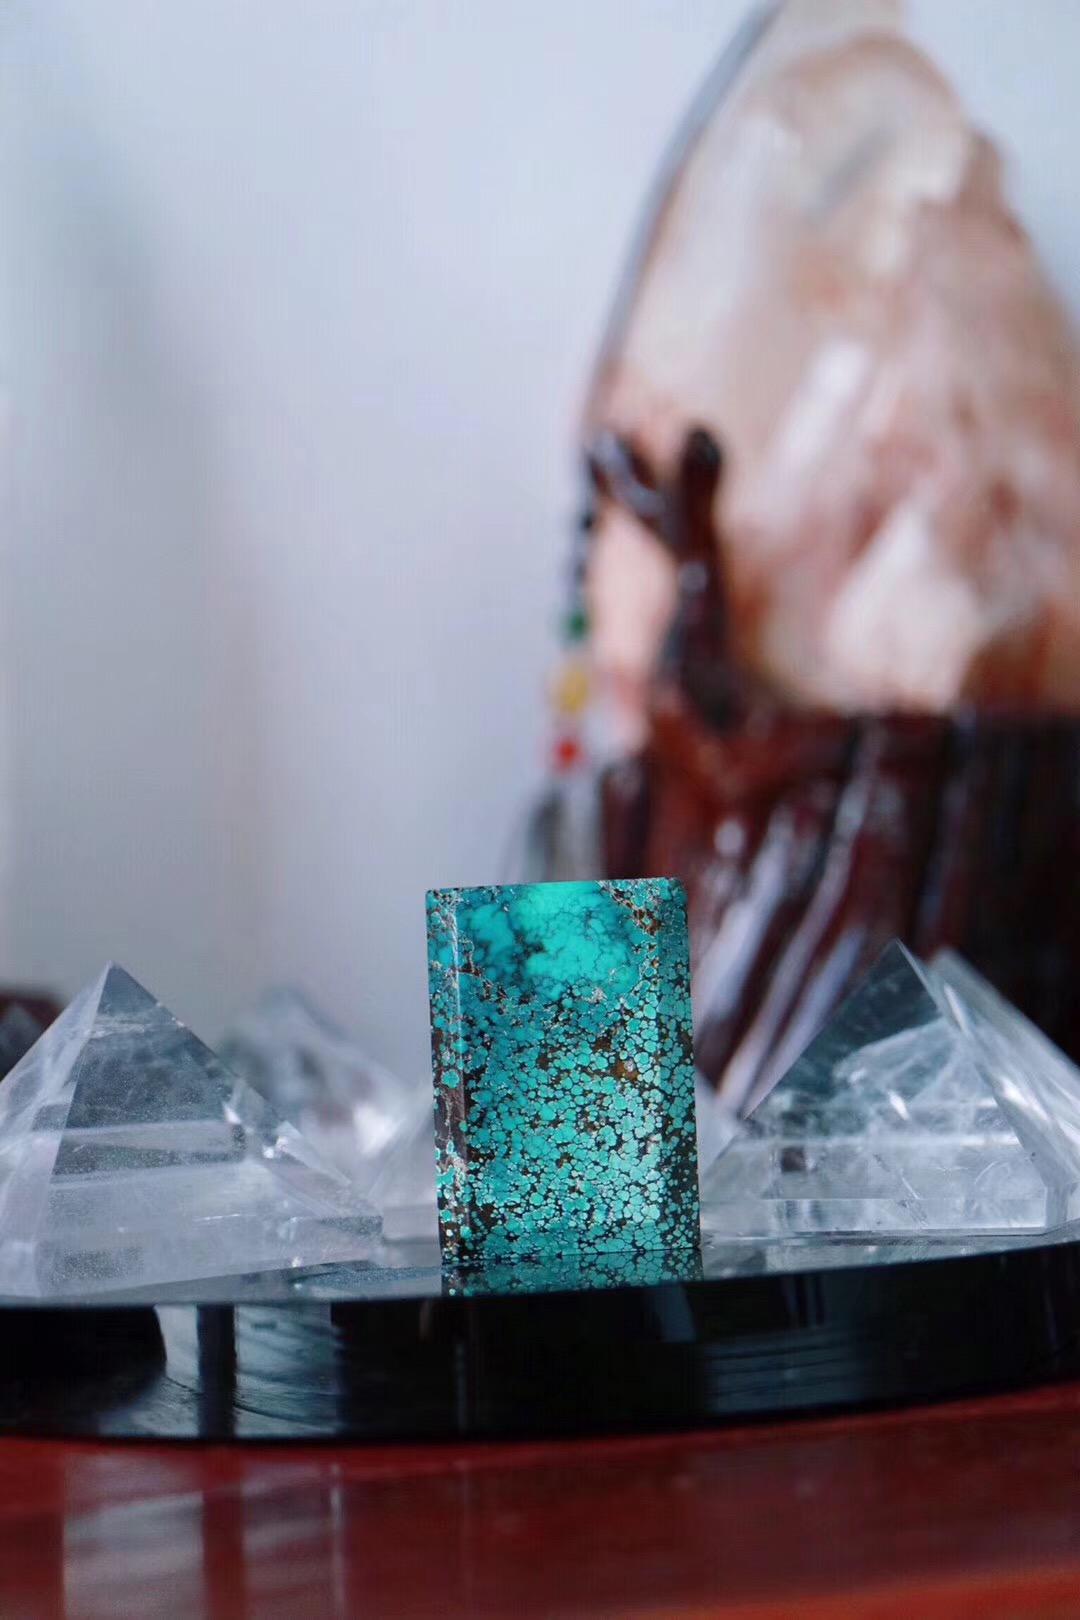 【菩心 | 原矿绿松石无事牌】 网花纹理的绿松石耐人寻味-菩心晶舍